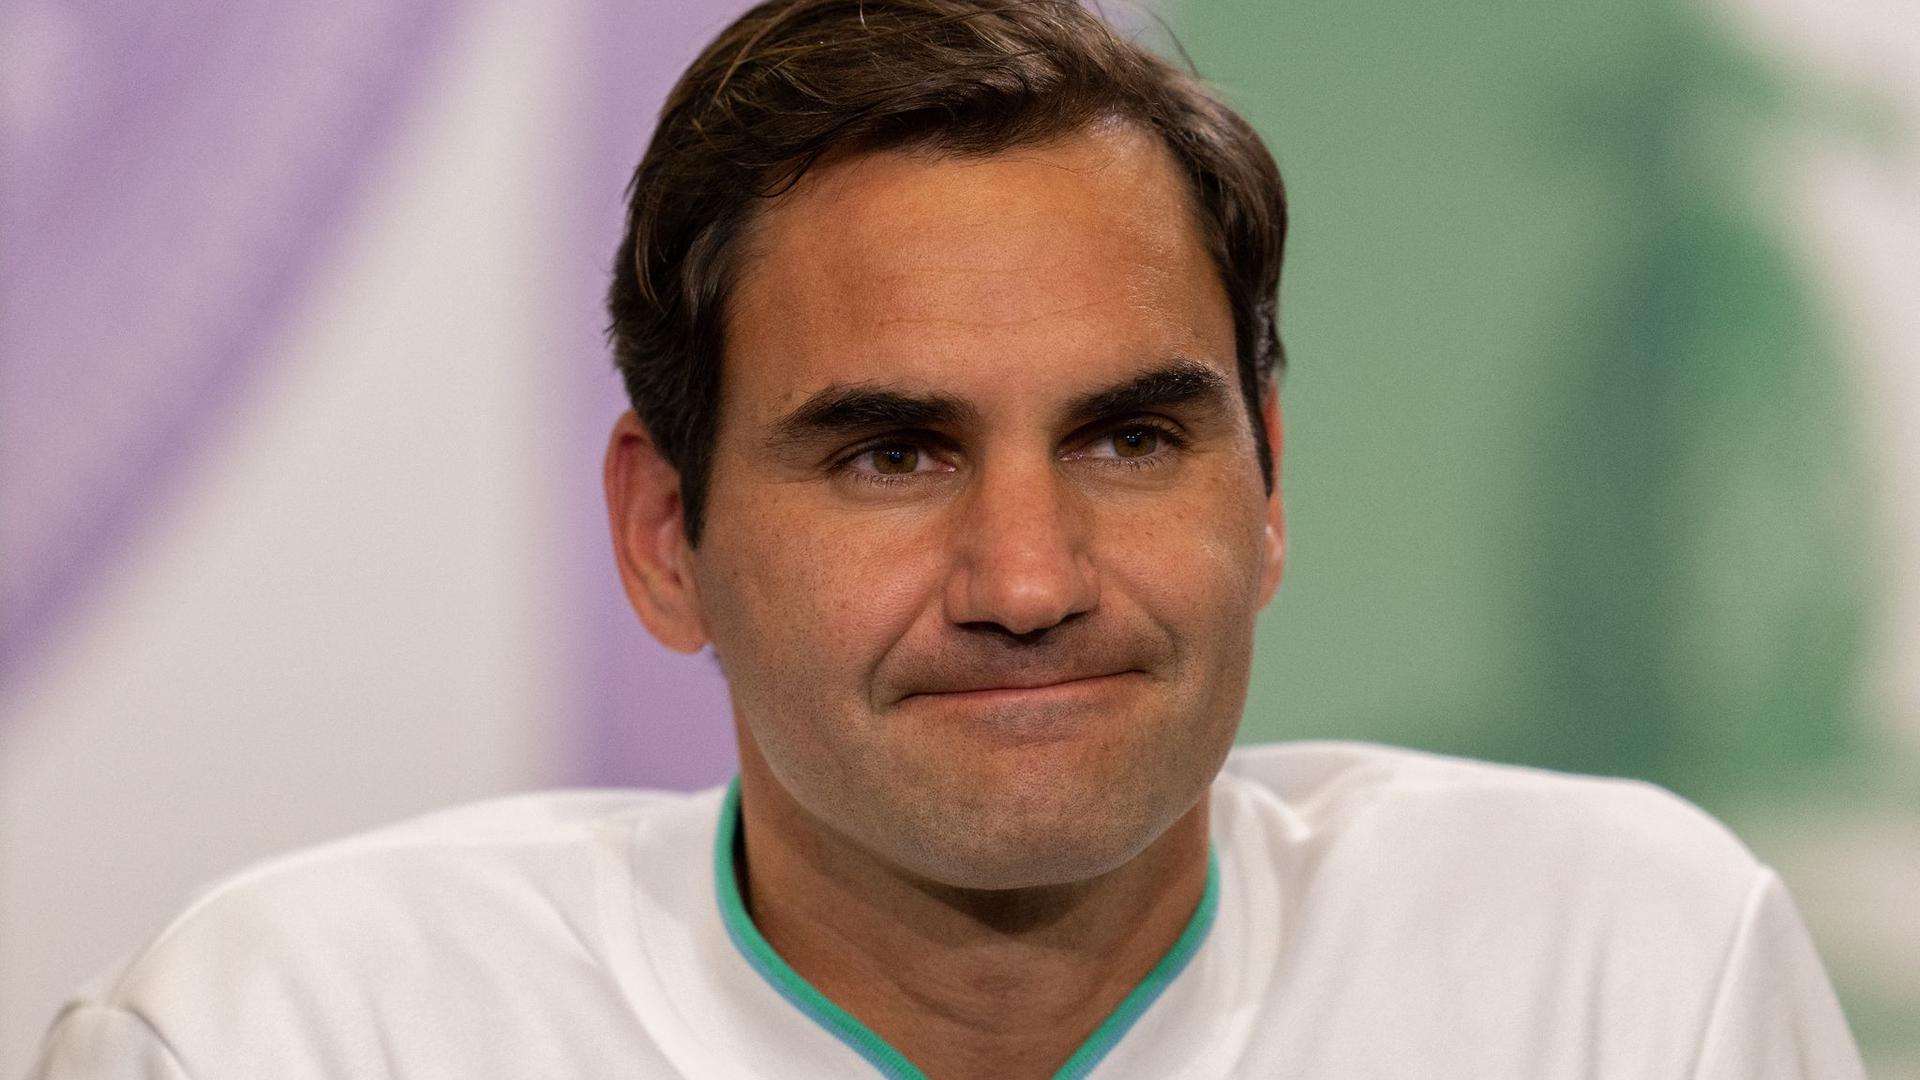 Hat ebenso wie Rafael Nadal seine Teilnahme an den Spielen in Tokio abgesagt: Roger Federer.